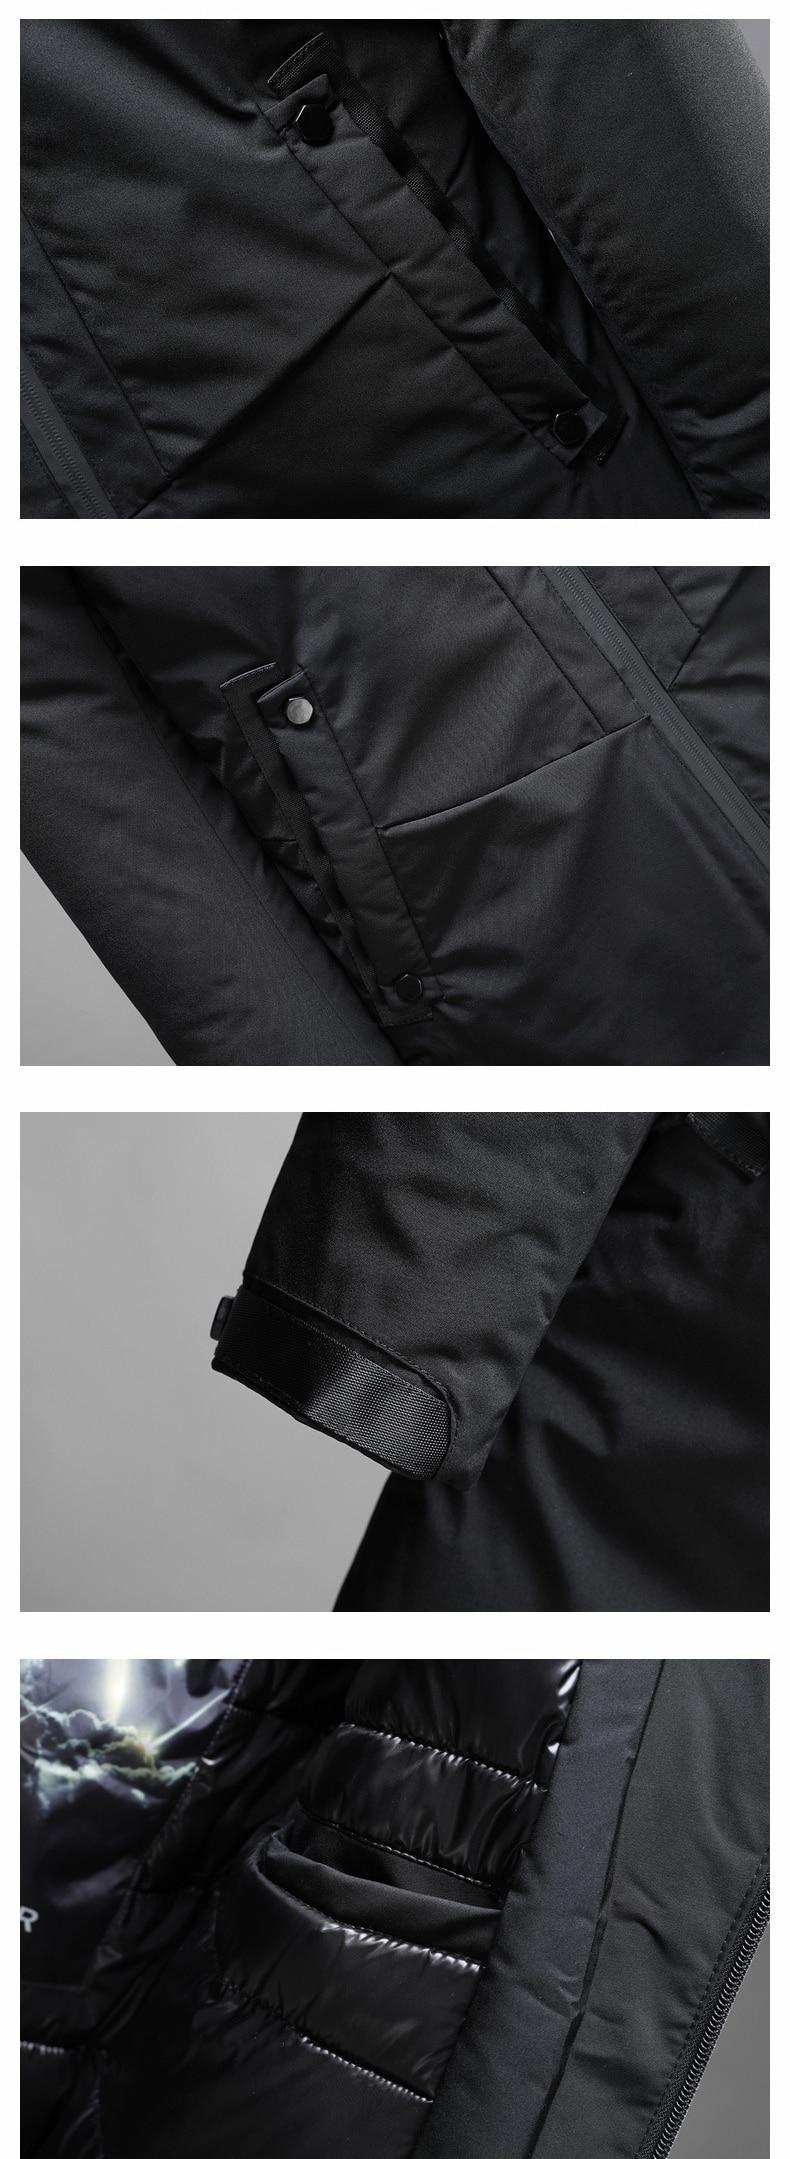 Schmuck & Zubehör Winter Warme Ente Unten Jacke 2018 Mann Lässig Komfortable Art Und Solide Wolle Liner Mantel Jacke Drei Farben L-4xl